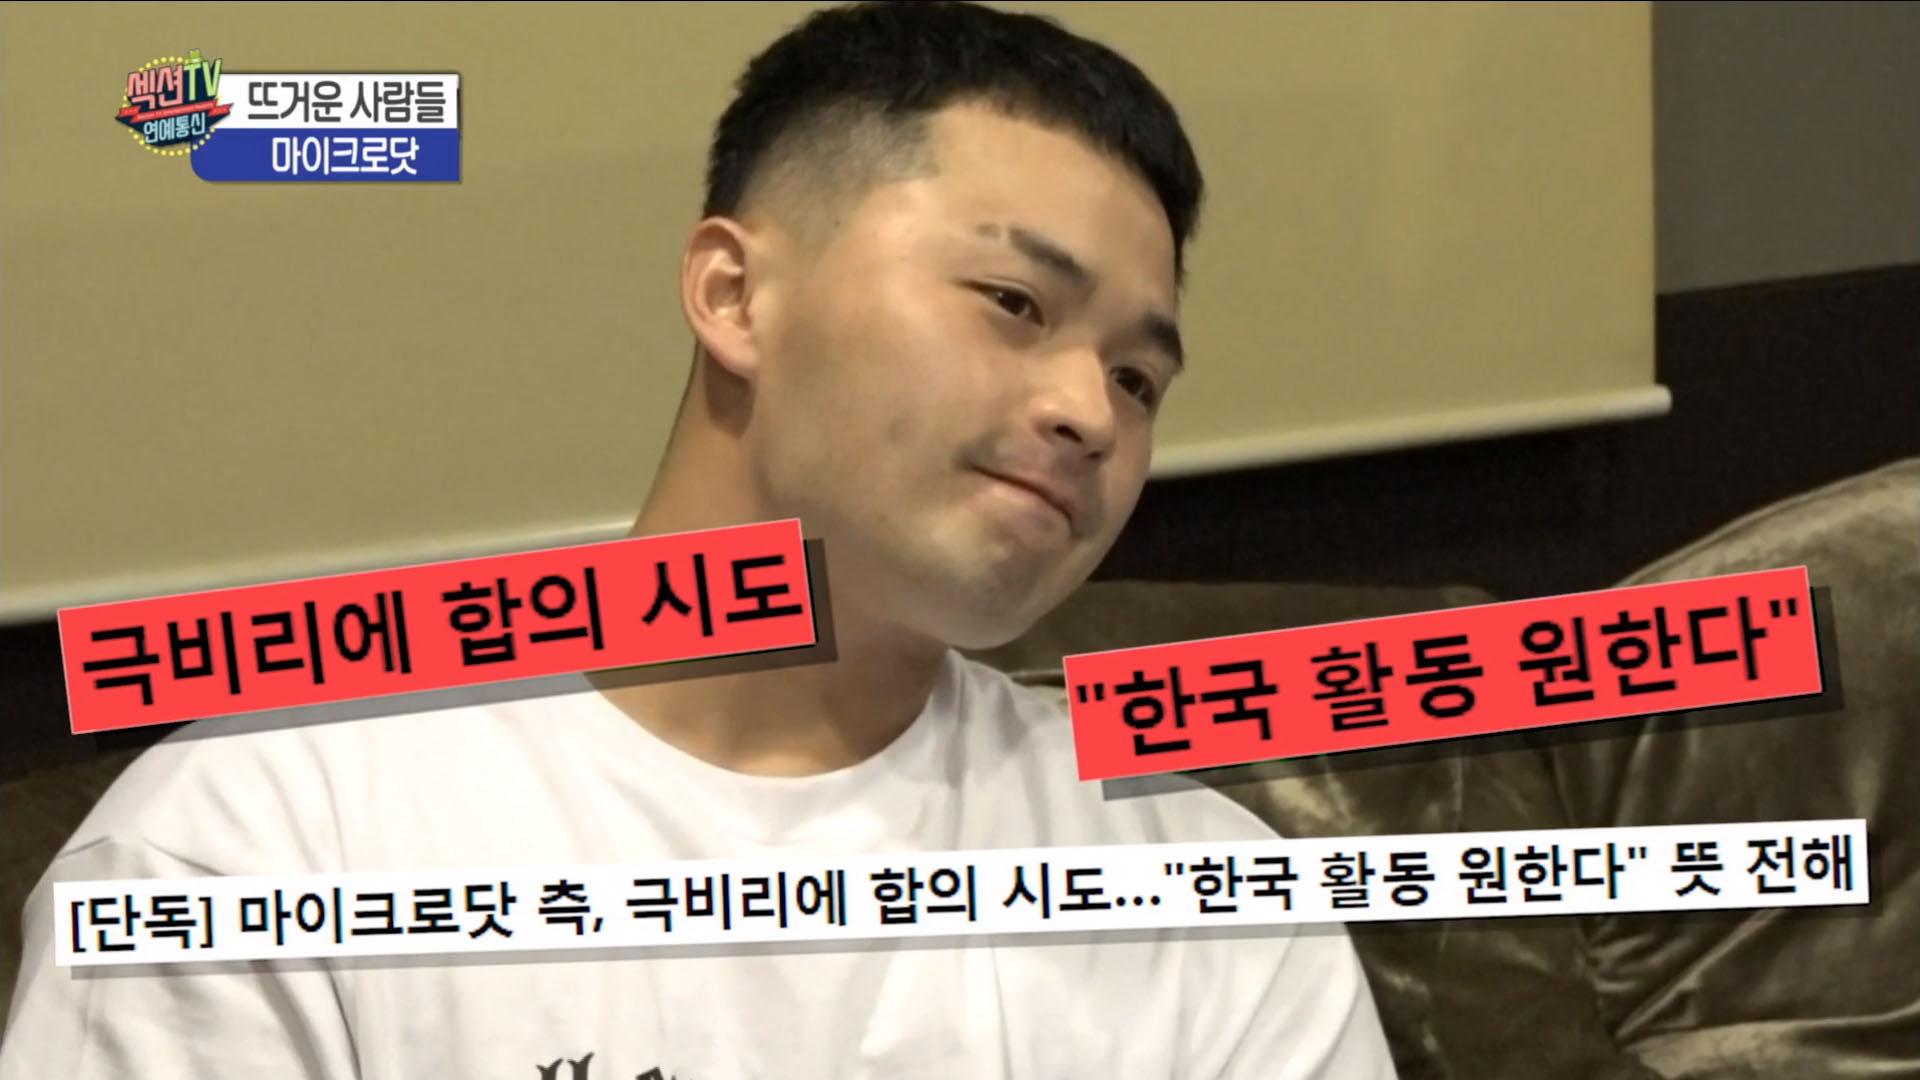 '섹션TV 연예통신' 마이크로닷 '한국 활동 원해 합의 시도' 합의 조건은 원금 변제?